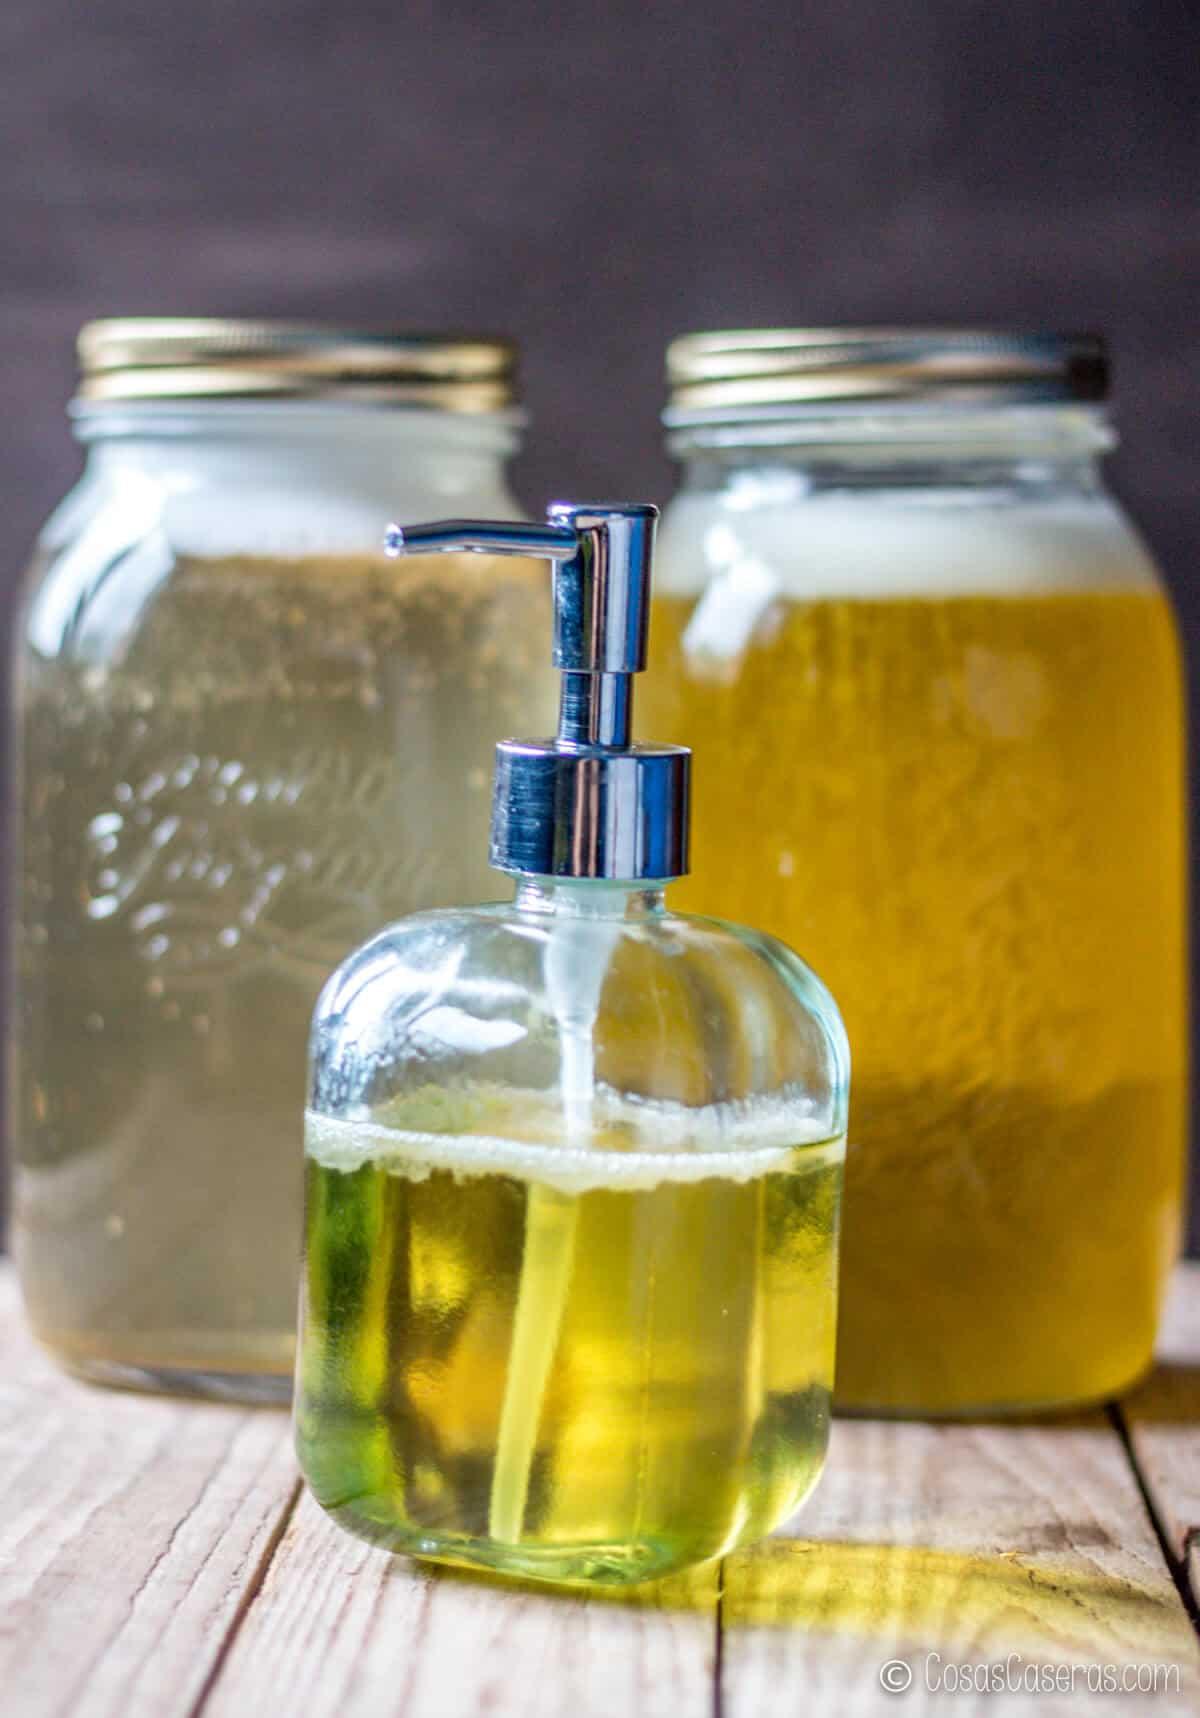 Un jabón líquido delante de dos jarras llenas de jabones líquidos de diferentes colores.